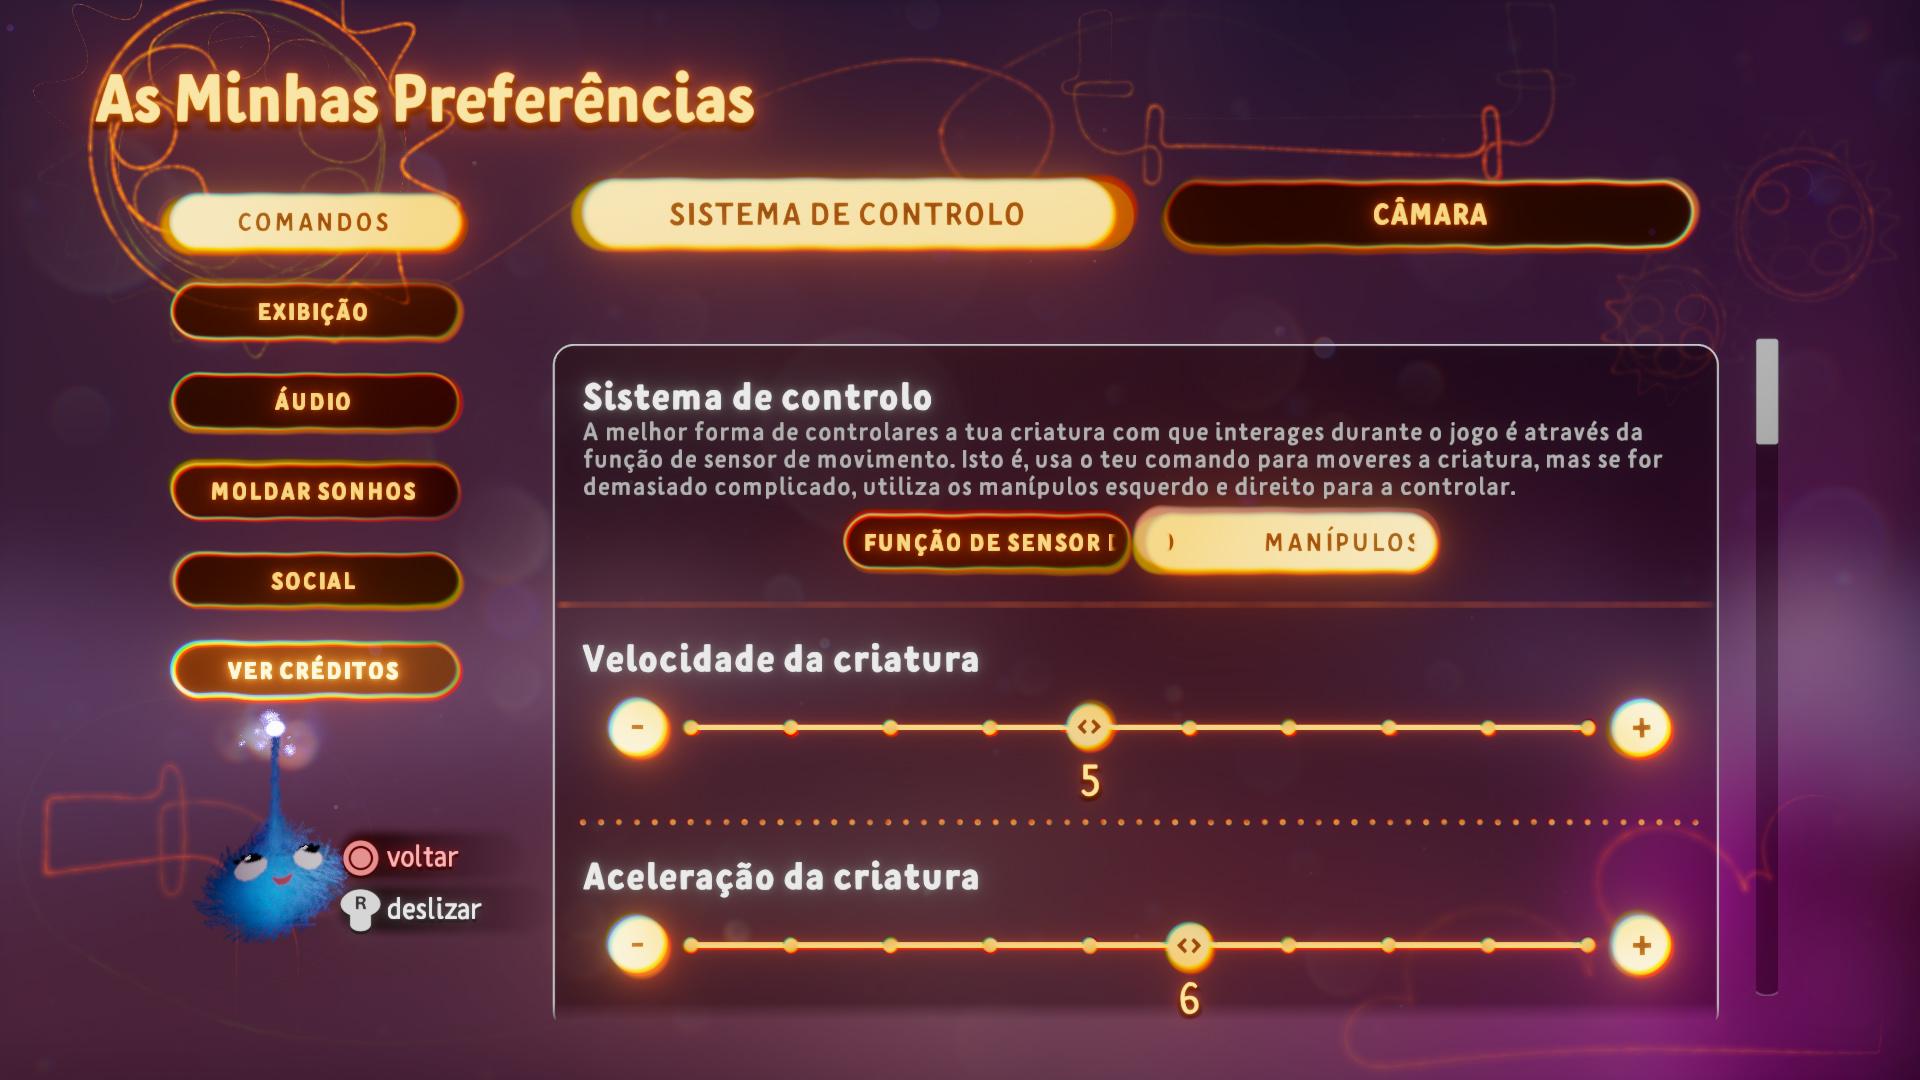 Captura de ecrã a mostrar as opções de esquema de controlo no menu de Preferências